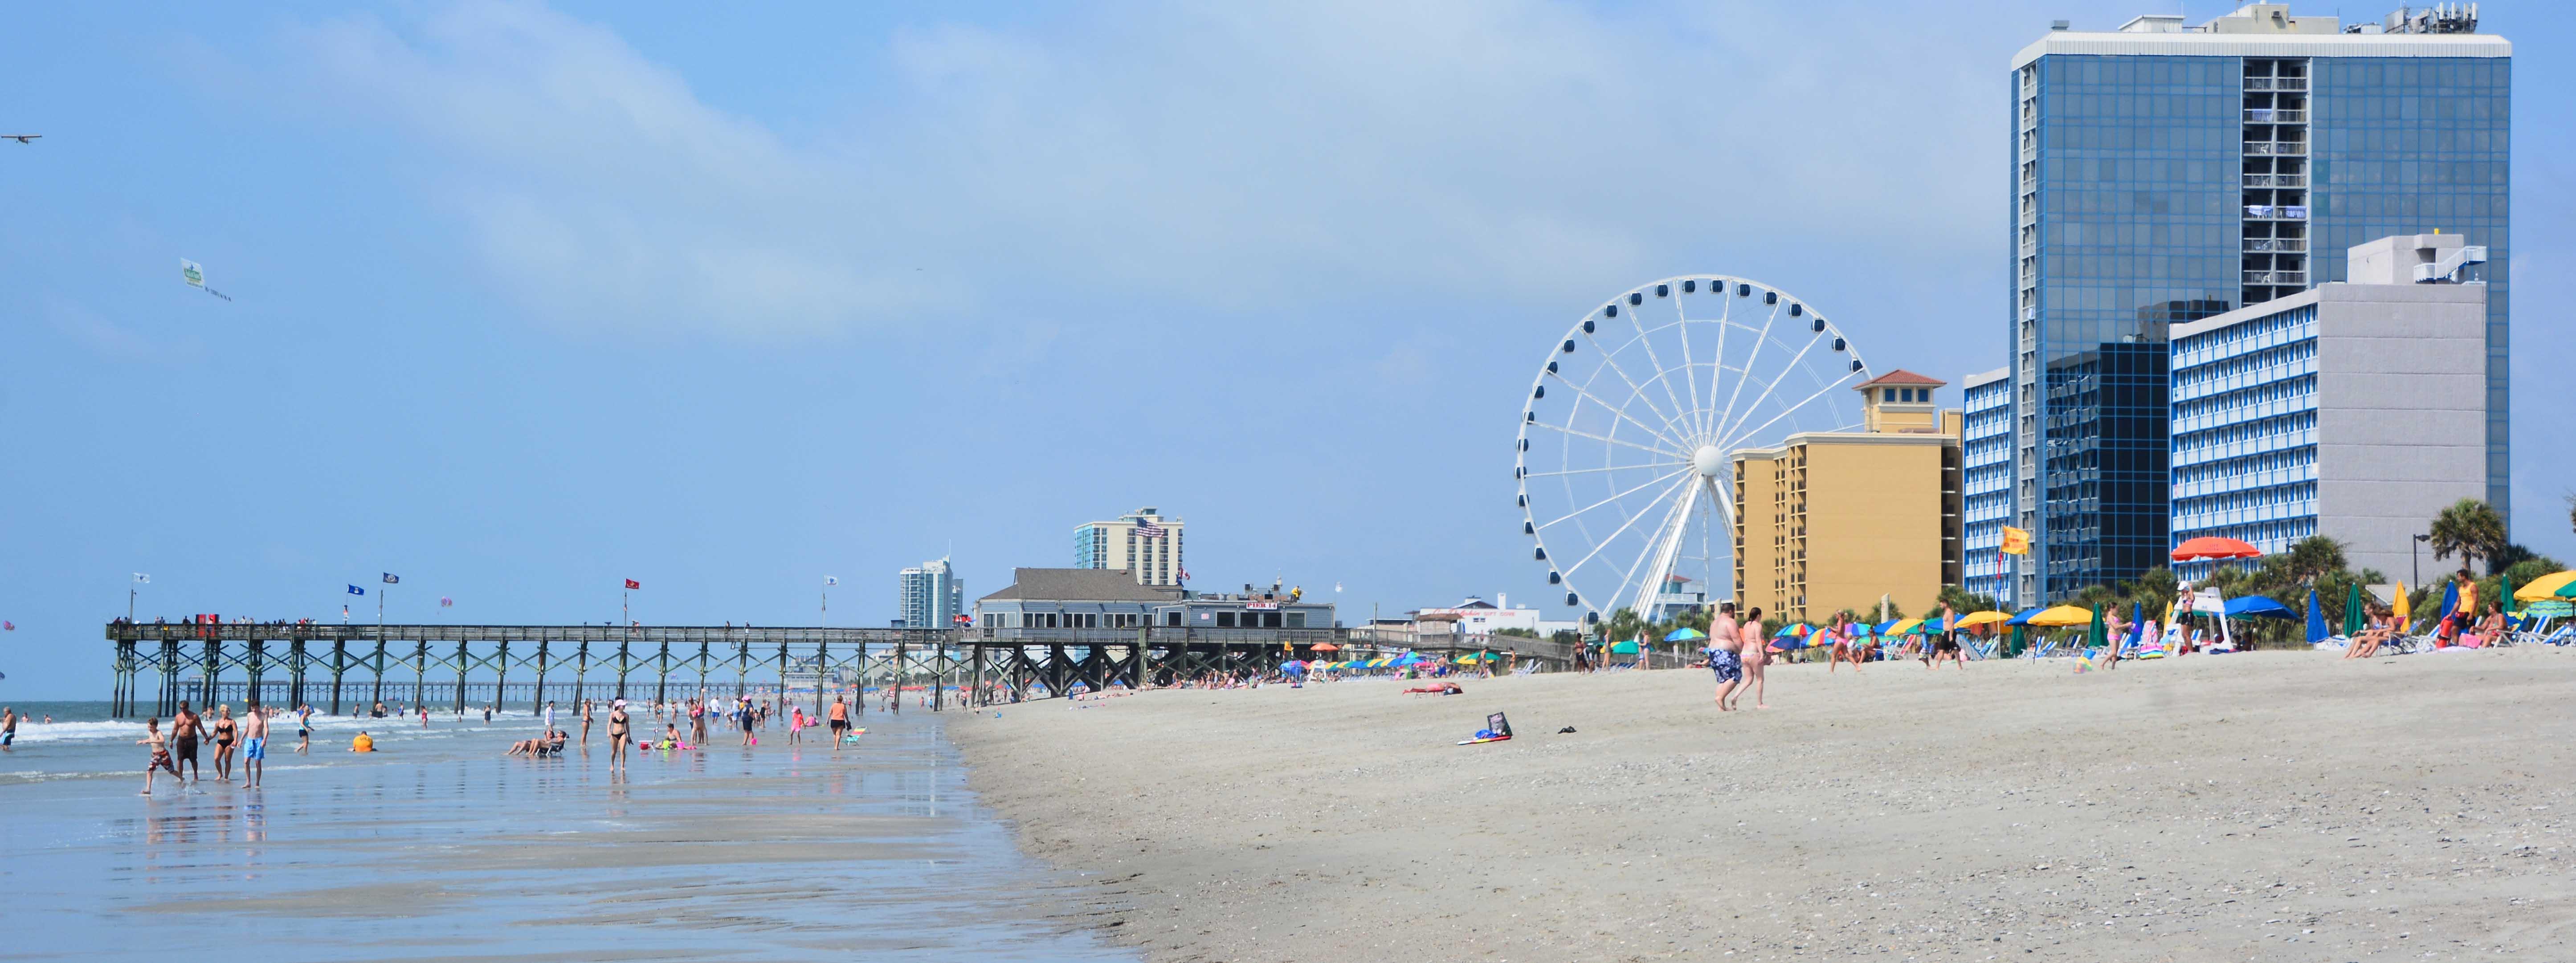 myrtle beach sun fun festival